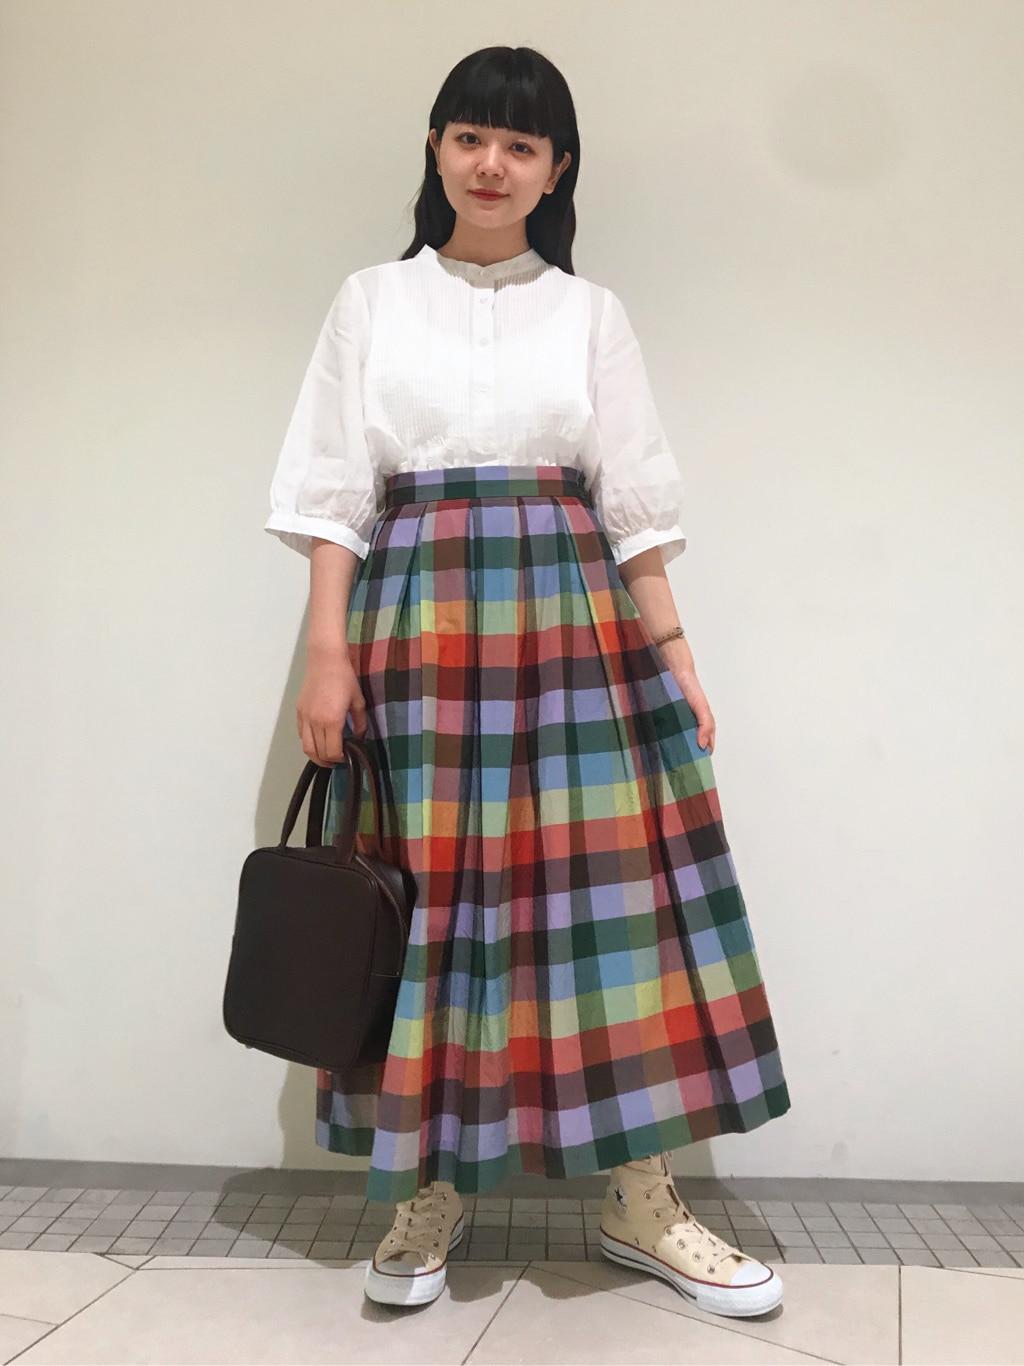 l'atelier du savon 東京スカイツリータウン・ソラマチ 身長:154cm 2020.07.24